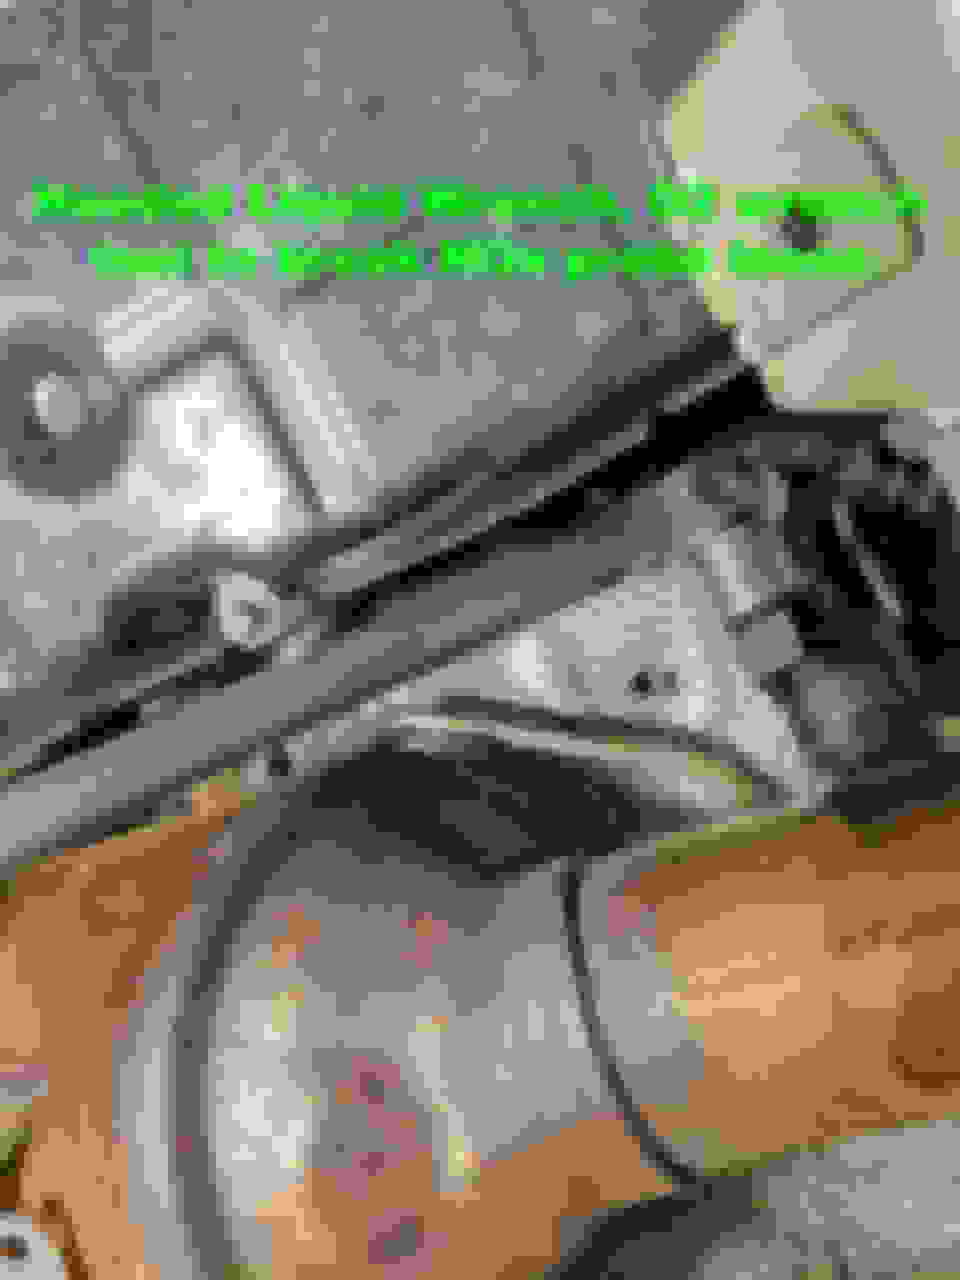 NoX Sensor P2201 - MBWorld org Forums